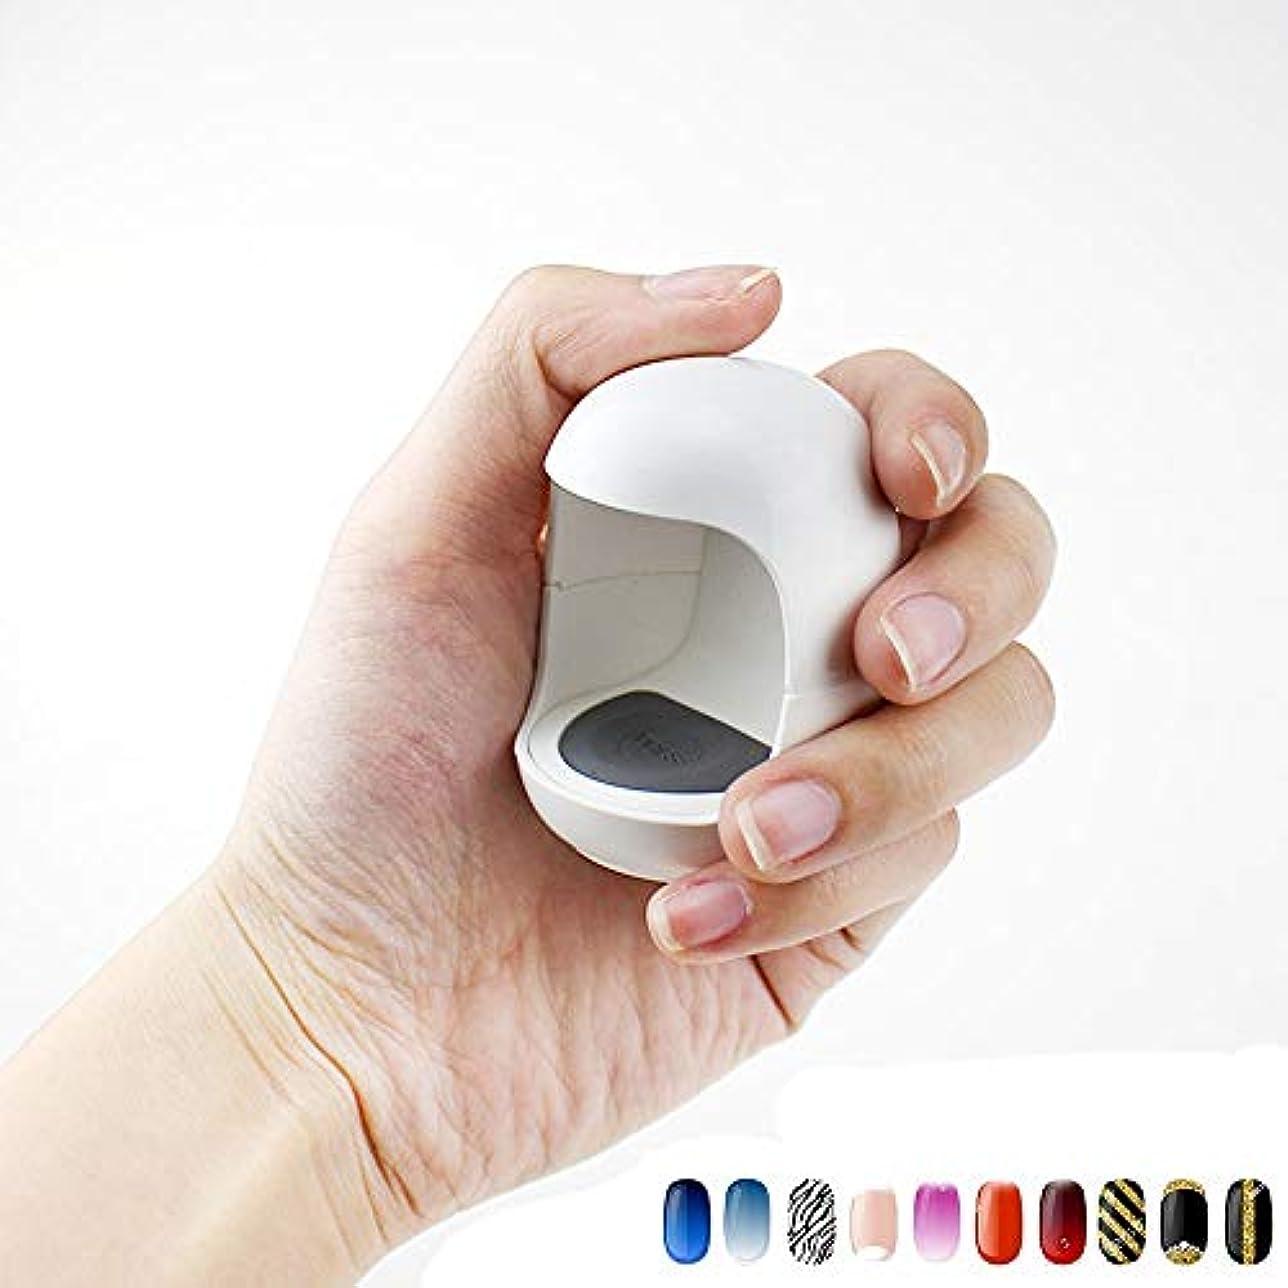 希望に満ちたモネ無駄UV LEDネイルランプミニQ型USBケーブルマニキュア材料ネイルドライヤーゲルランプ治療光シングルマニキュアマニキュアツール